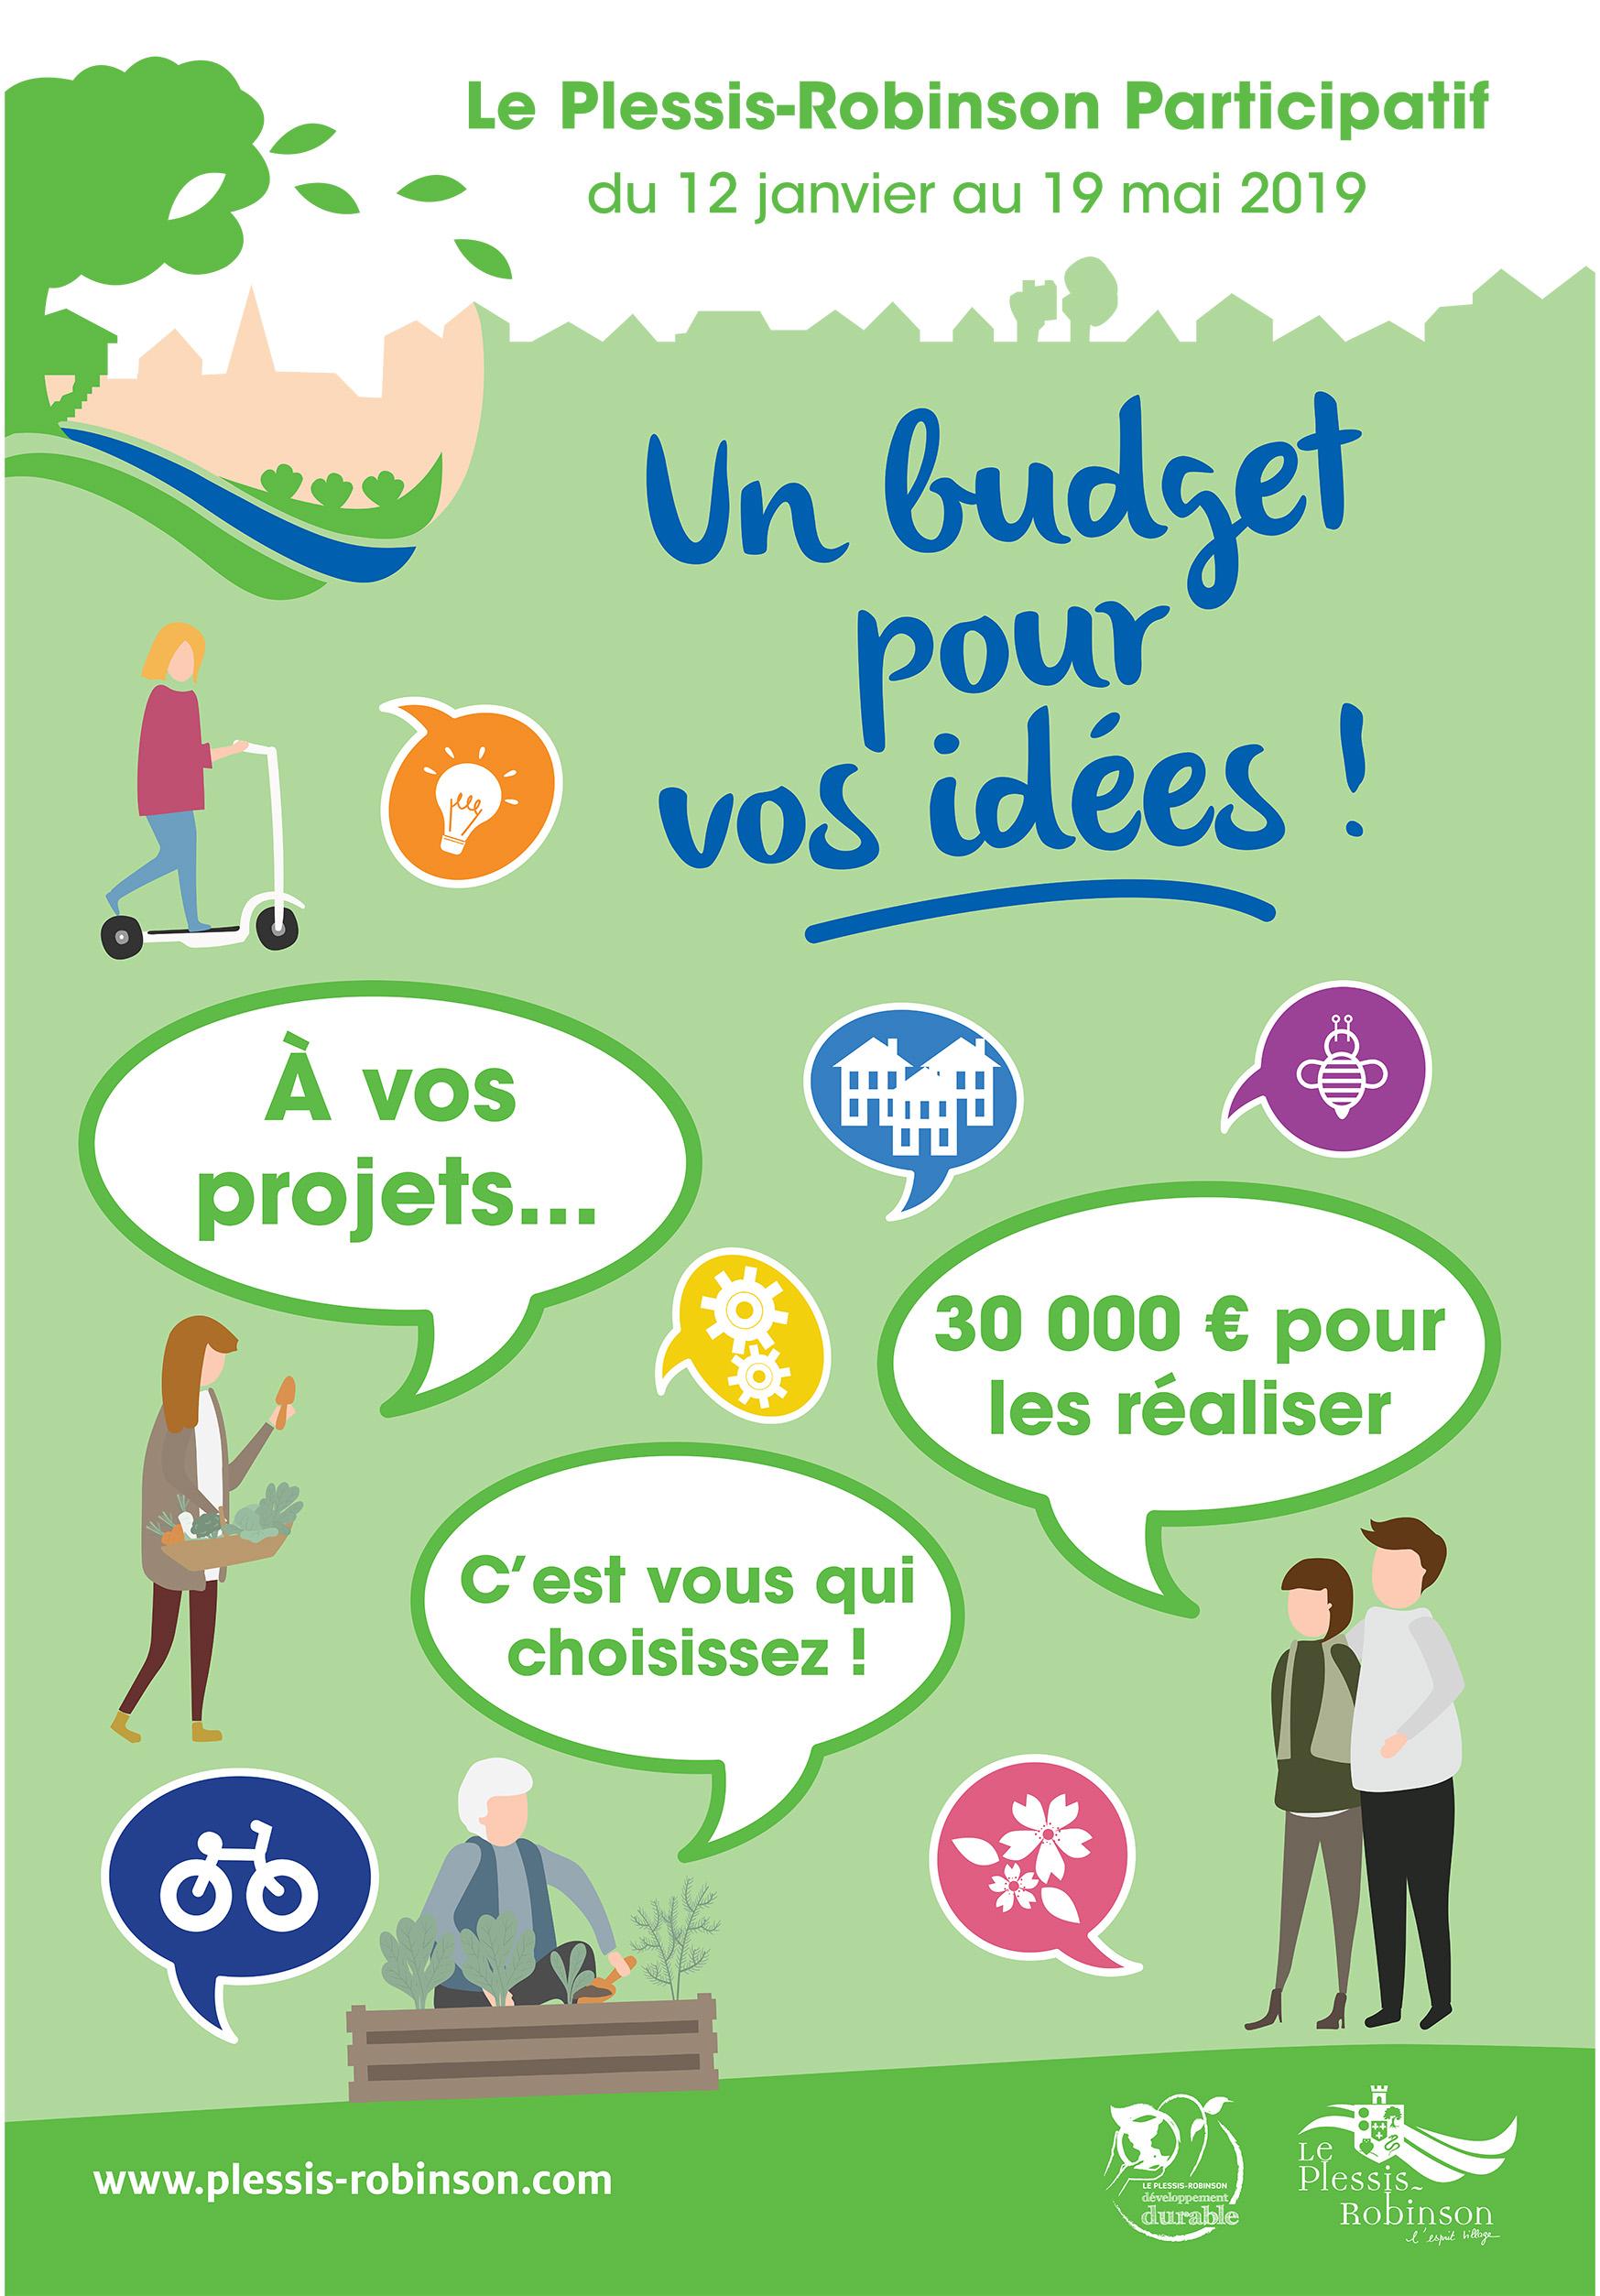 Le Plessis-Robinson participatif : Un budget pour vos idées